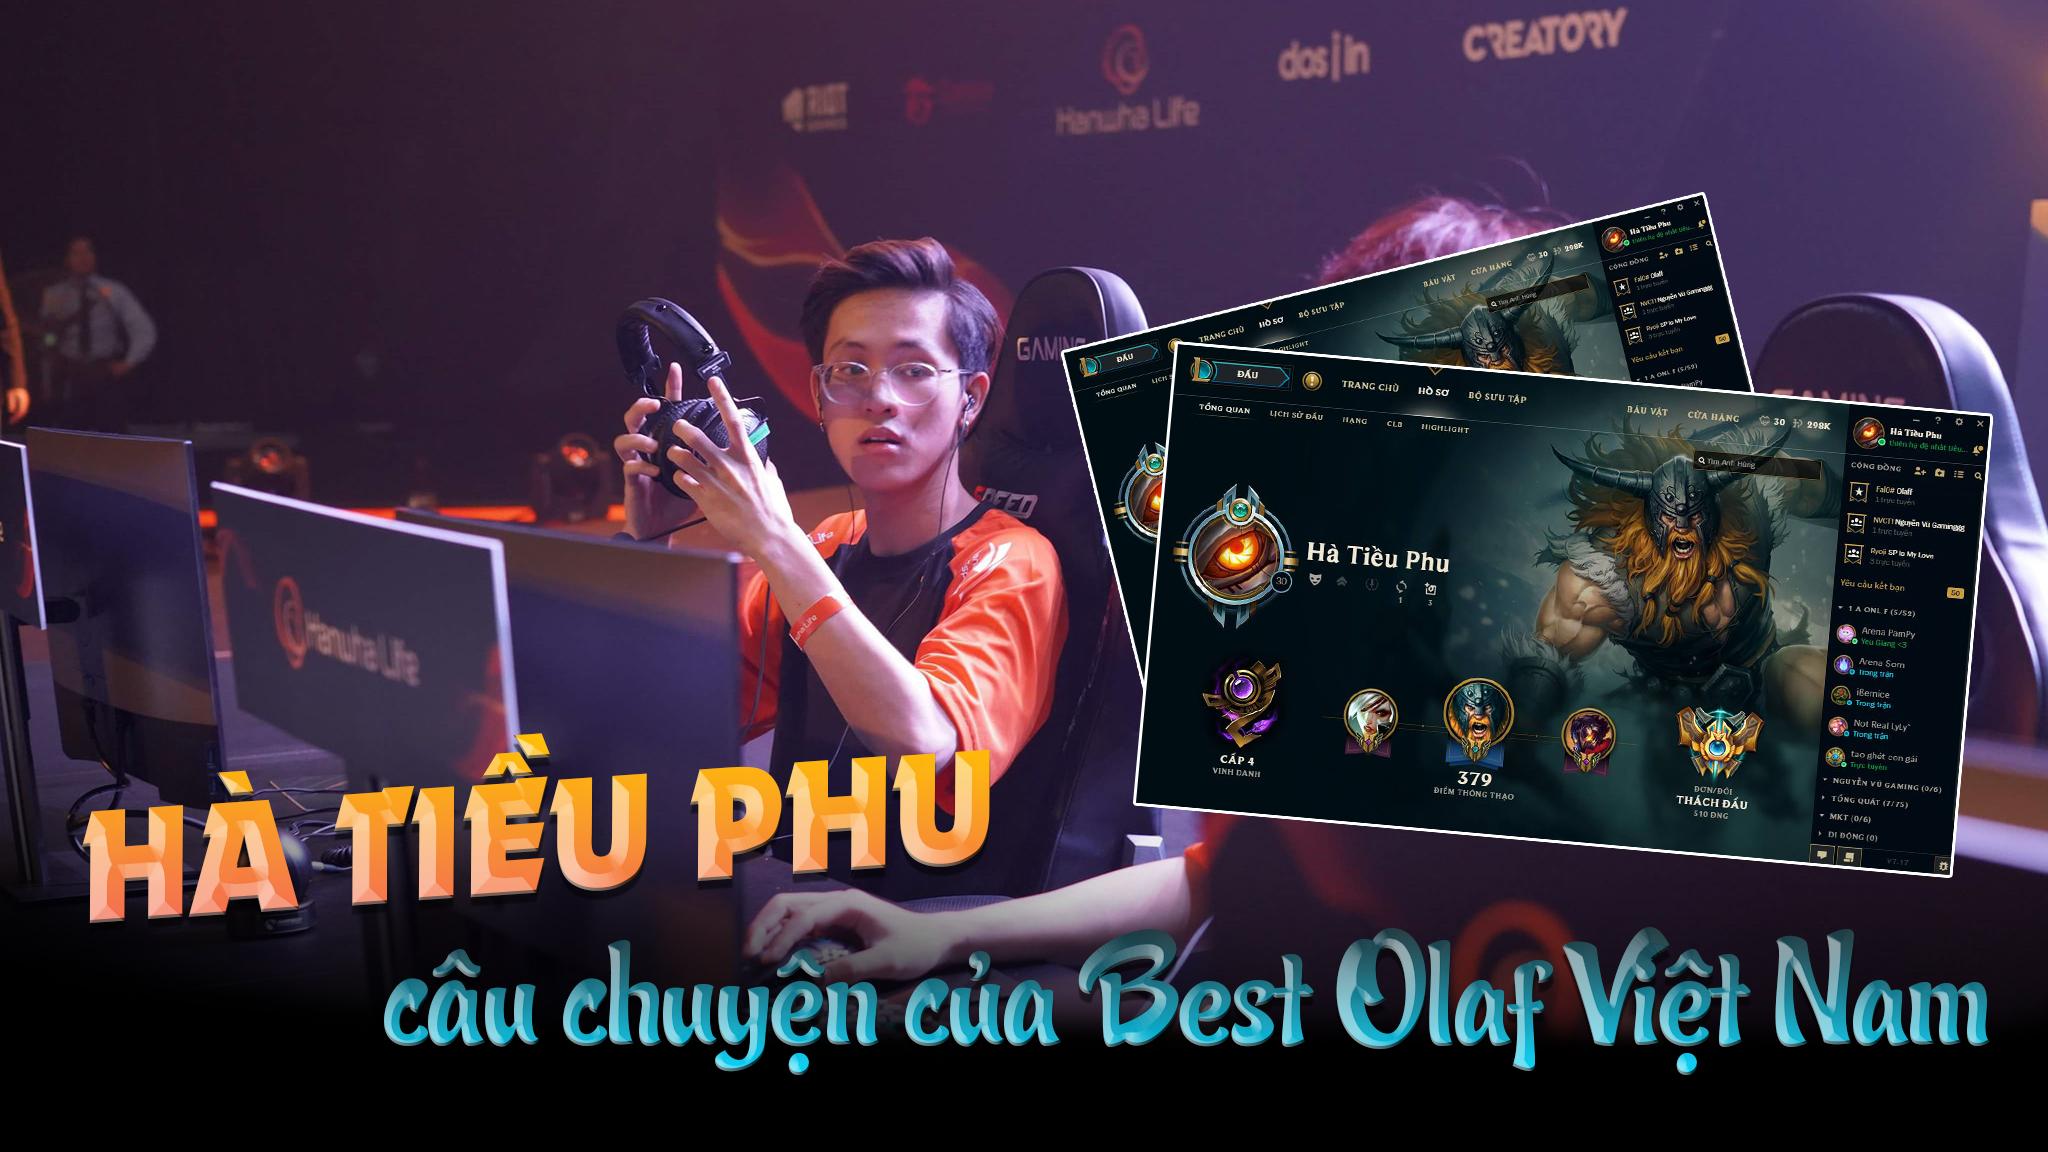 Hà Tiều Phu - chuyện chưa kể về bước đường thành công của Boy 1 Champ nổi danh nhất LMHT Việt